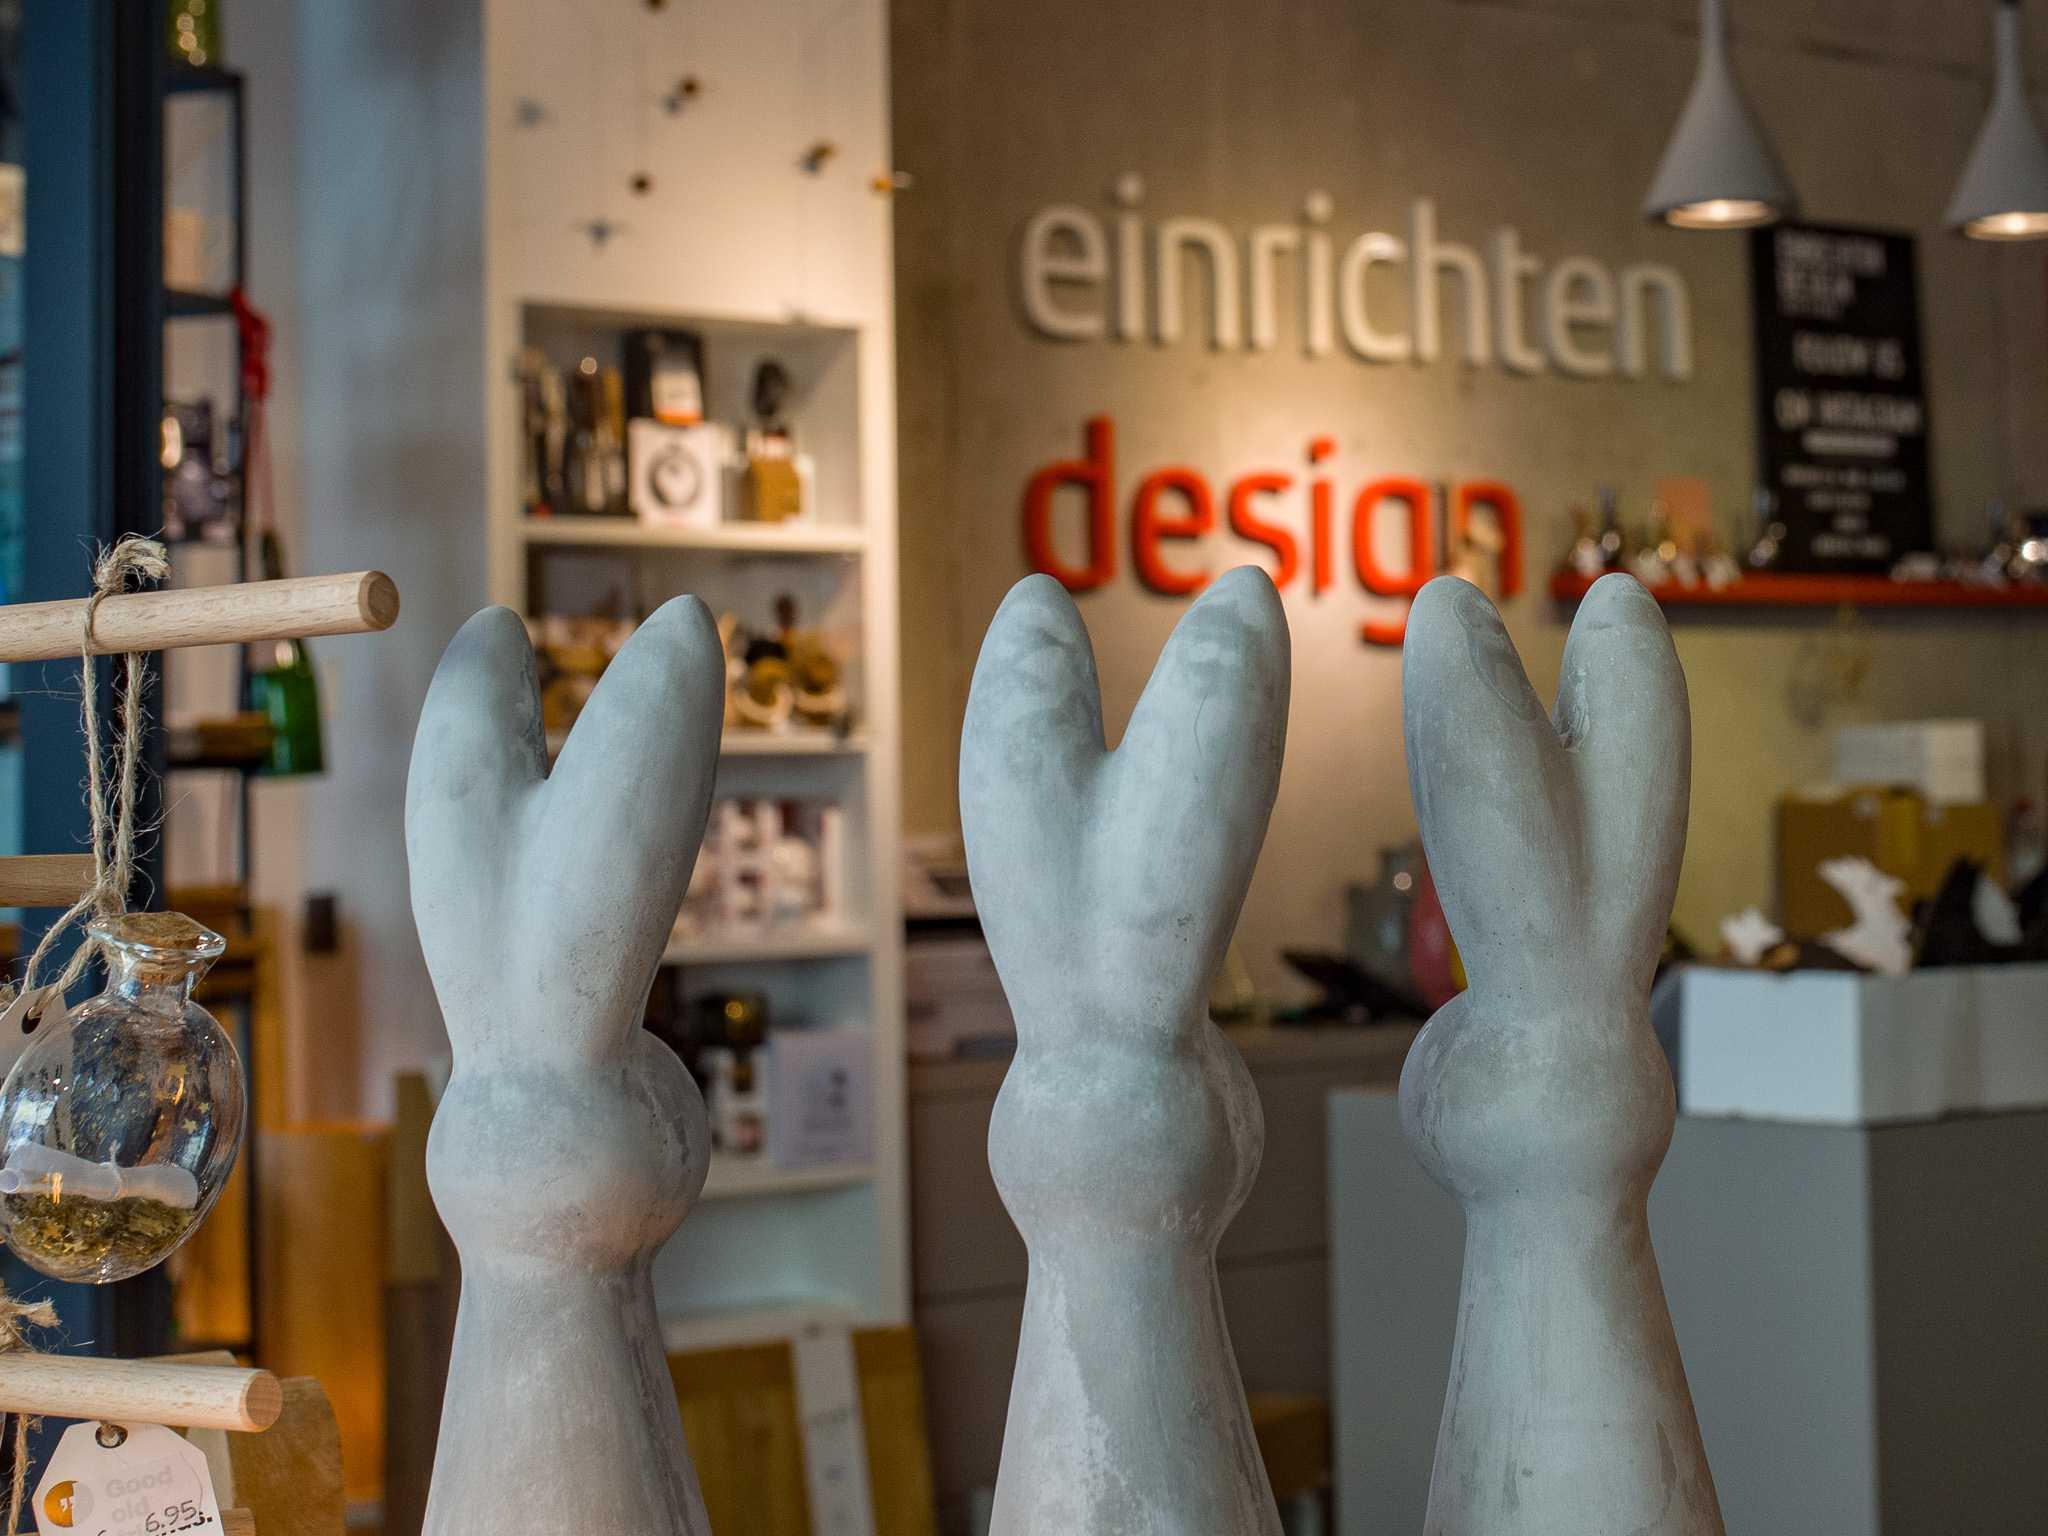 Osterhasen in Steinoptik bei Einrichten Design. Foto: Pascal Höfig